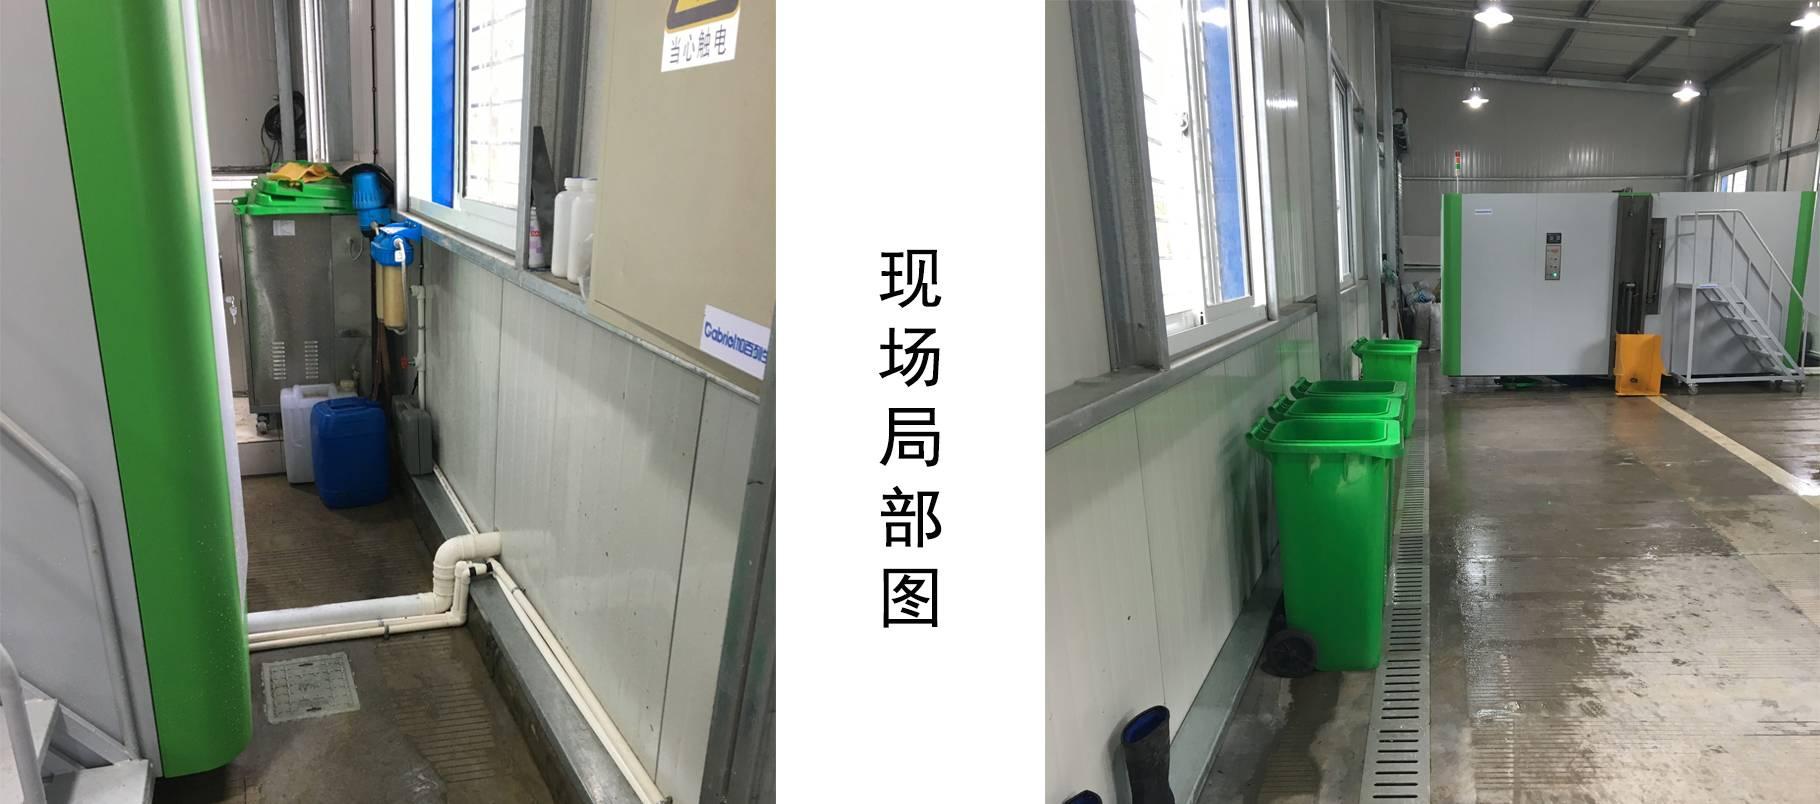 葡京娱乐场699709.com餐厨垃圾处理站,餐厨垃圾处理设备及水电布局